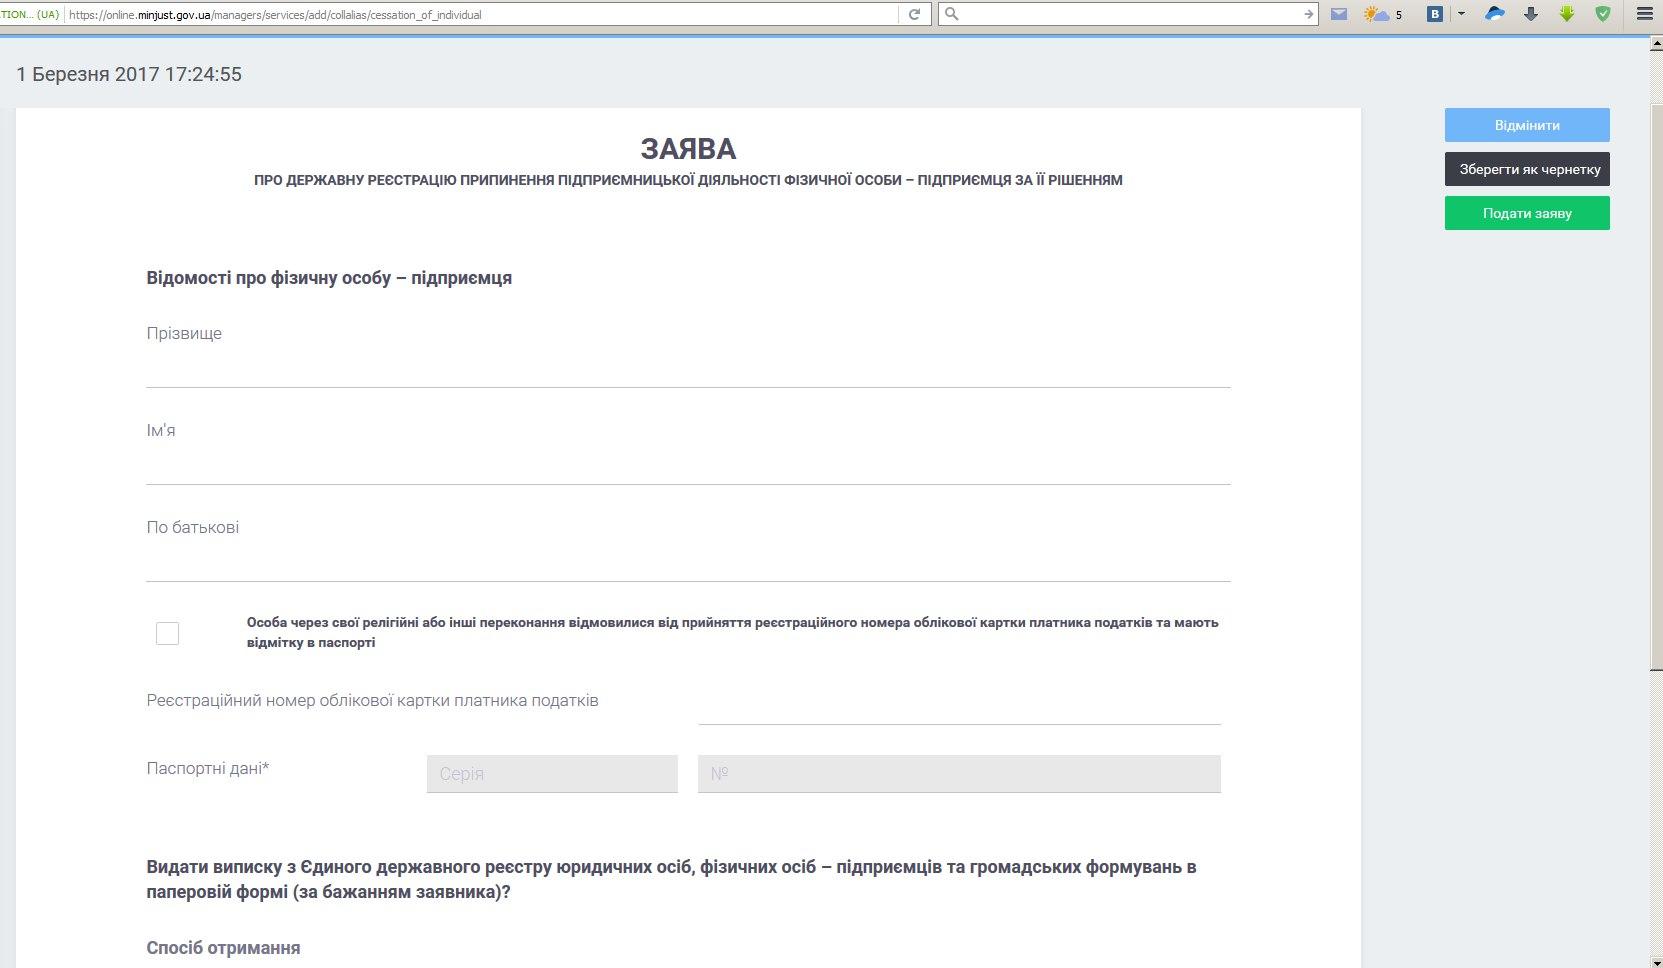 Зарегистрировать бизнес в Украине с сегодняшнего дня можно онлайн - Цензор.НЕТ 2835